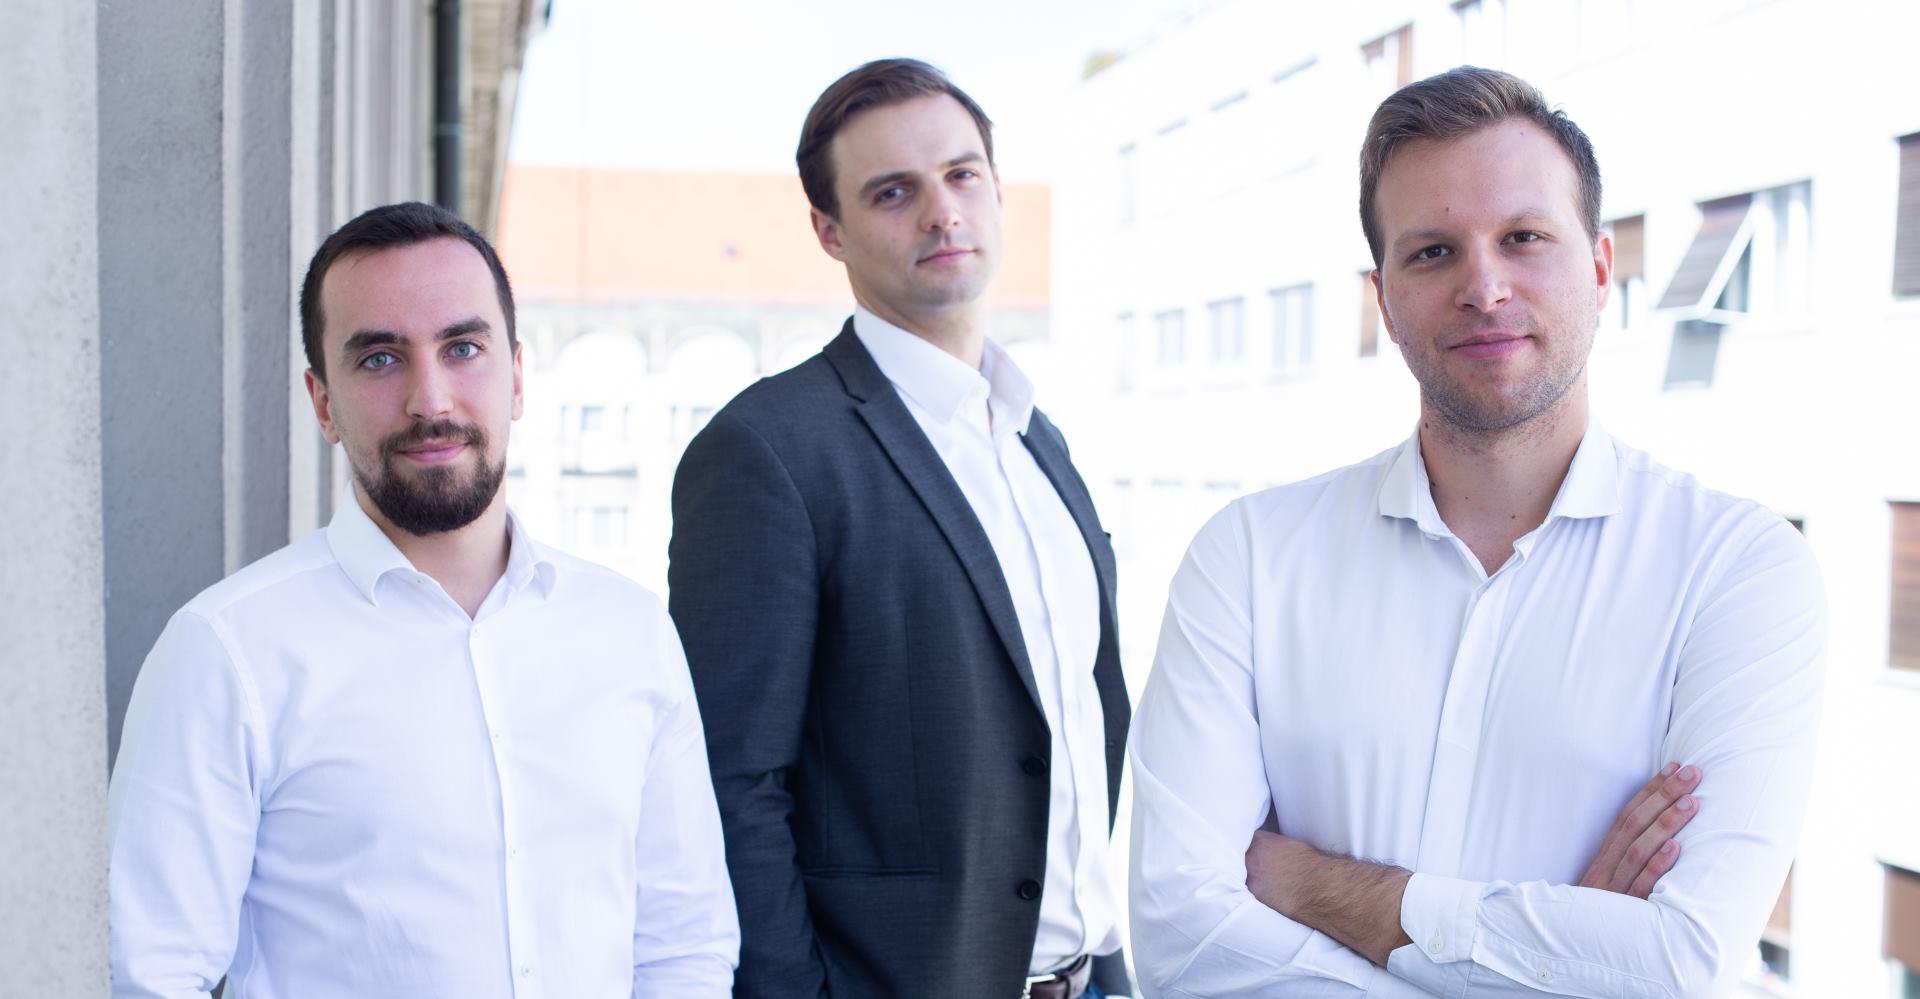 KLIKER Lansirana digitalna platforma koja jednostavno povezuje tvrtke i konzultante